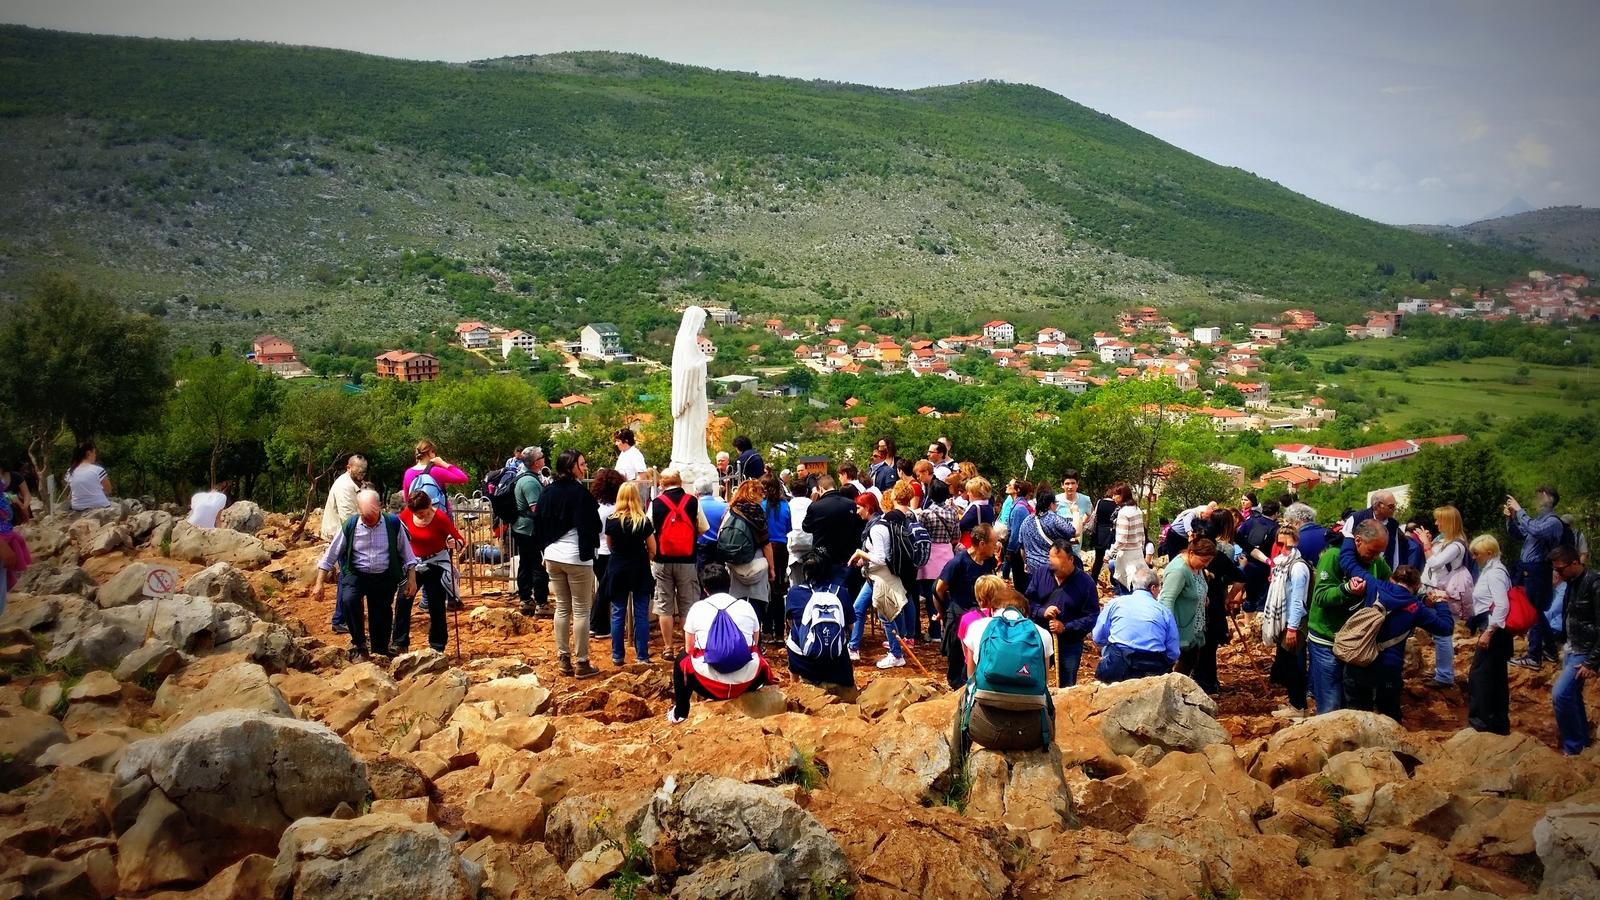 Cómo se está Materializando la Profecía de la Virgen de Medjugorje sobre Rusia